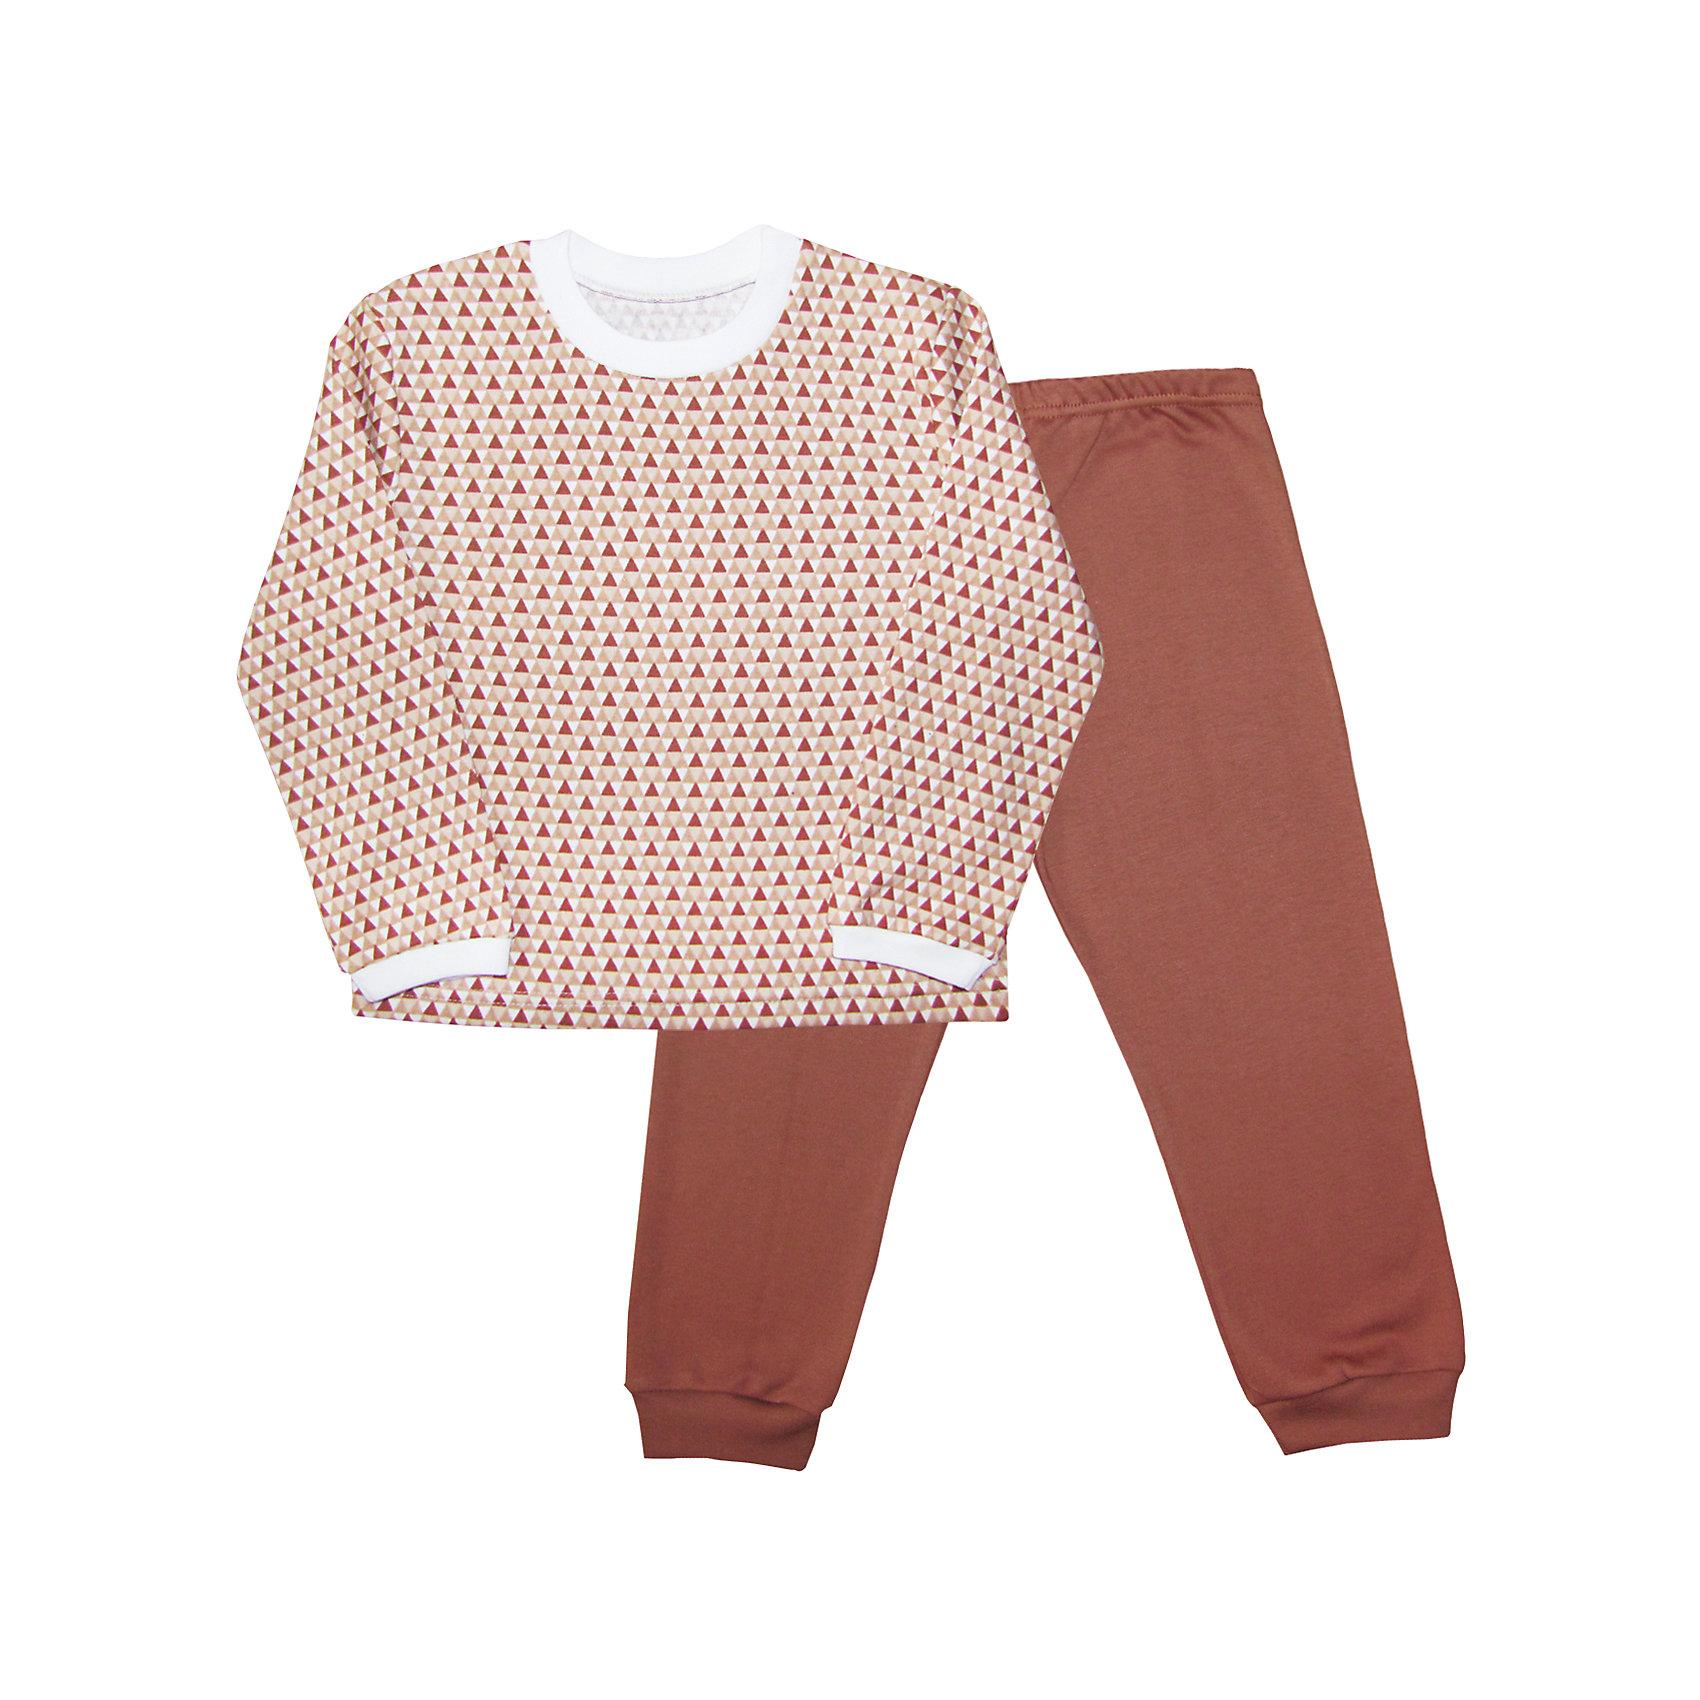 Пижама для мальчика Веселый малышПижамы и сорочки<br>Пижама из интерлока (пенье).<br>Состав:<br>100% Хлопок<br><br>Ширина мм: 196<br>Глубина мм: 10<br>Высота мм: 154<br>Вес г: 152<br>Цвет: коричневый<br>Возраст от месяцев: 12<br>Возраст до месяцев: 18<br>Пол: Мужской<br>Возраст: Детский<br>Размер: 116,86,92,98,104,110<br>SKU: 5063104